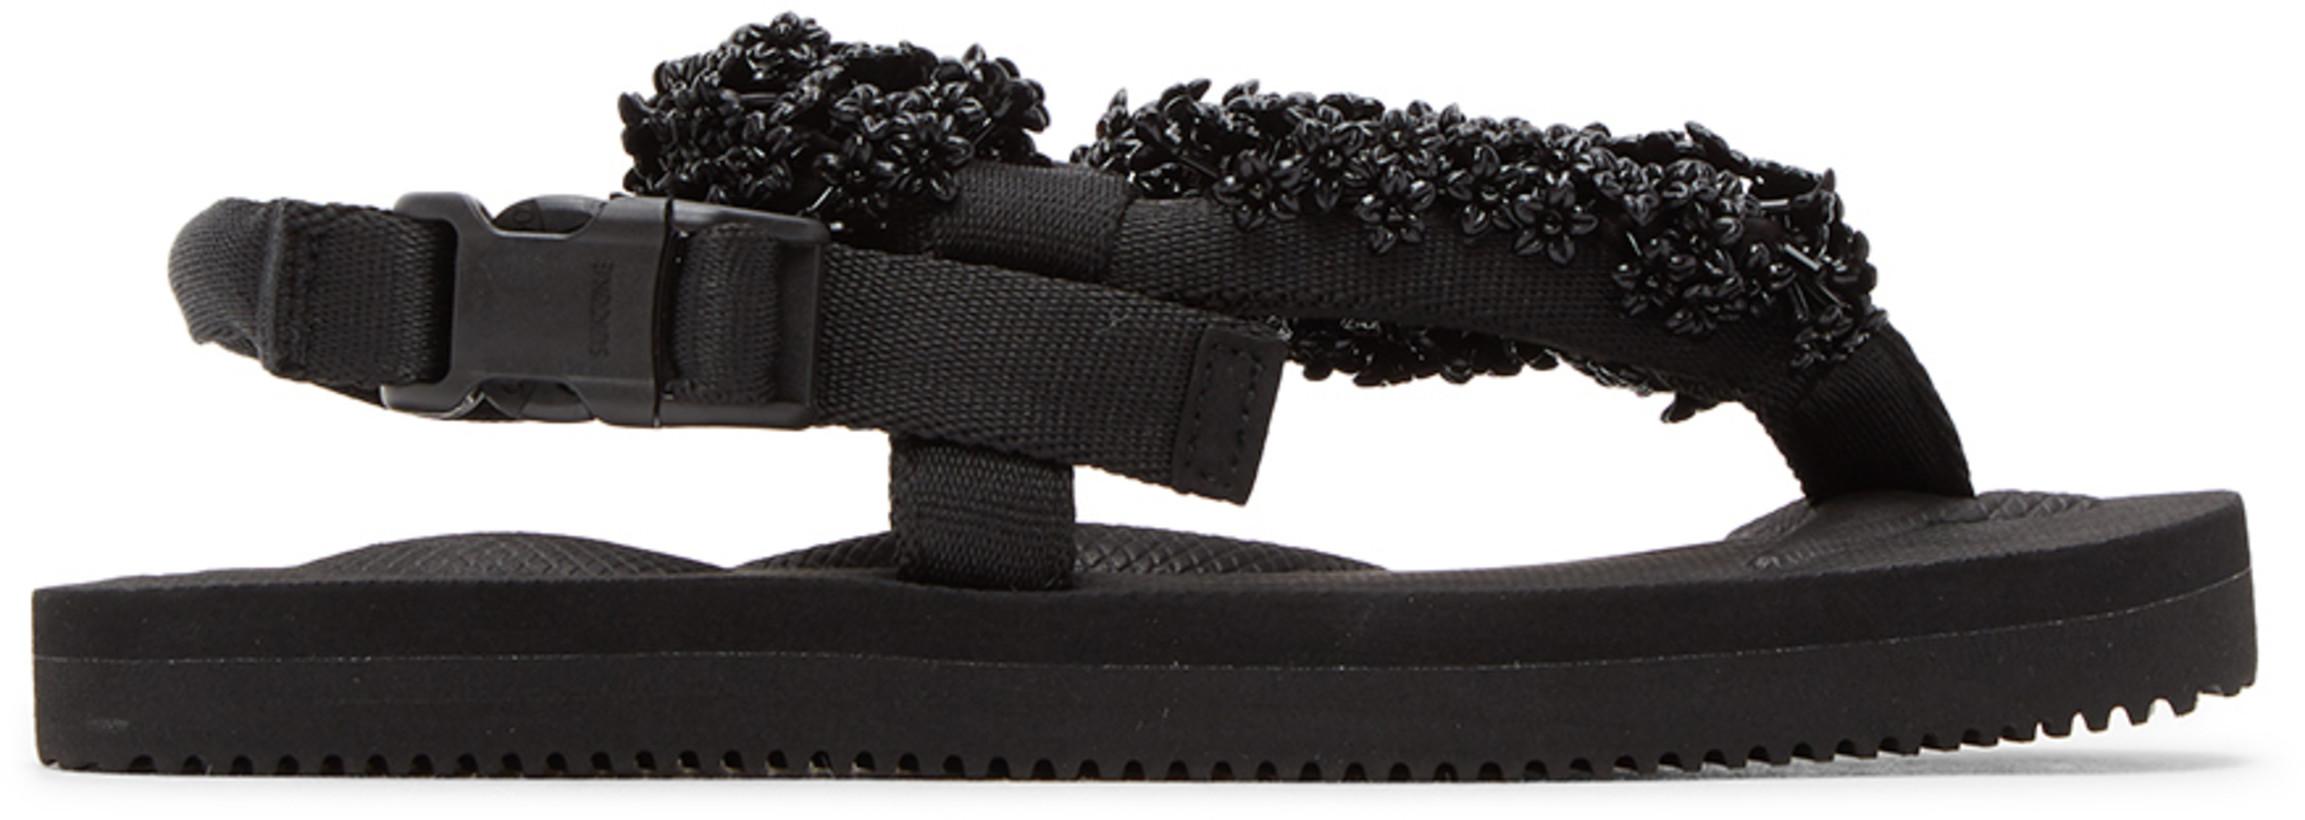 Cecilie Bahnsen Black Suicoke Edition Floral Sandals